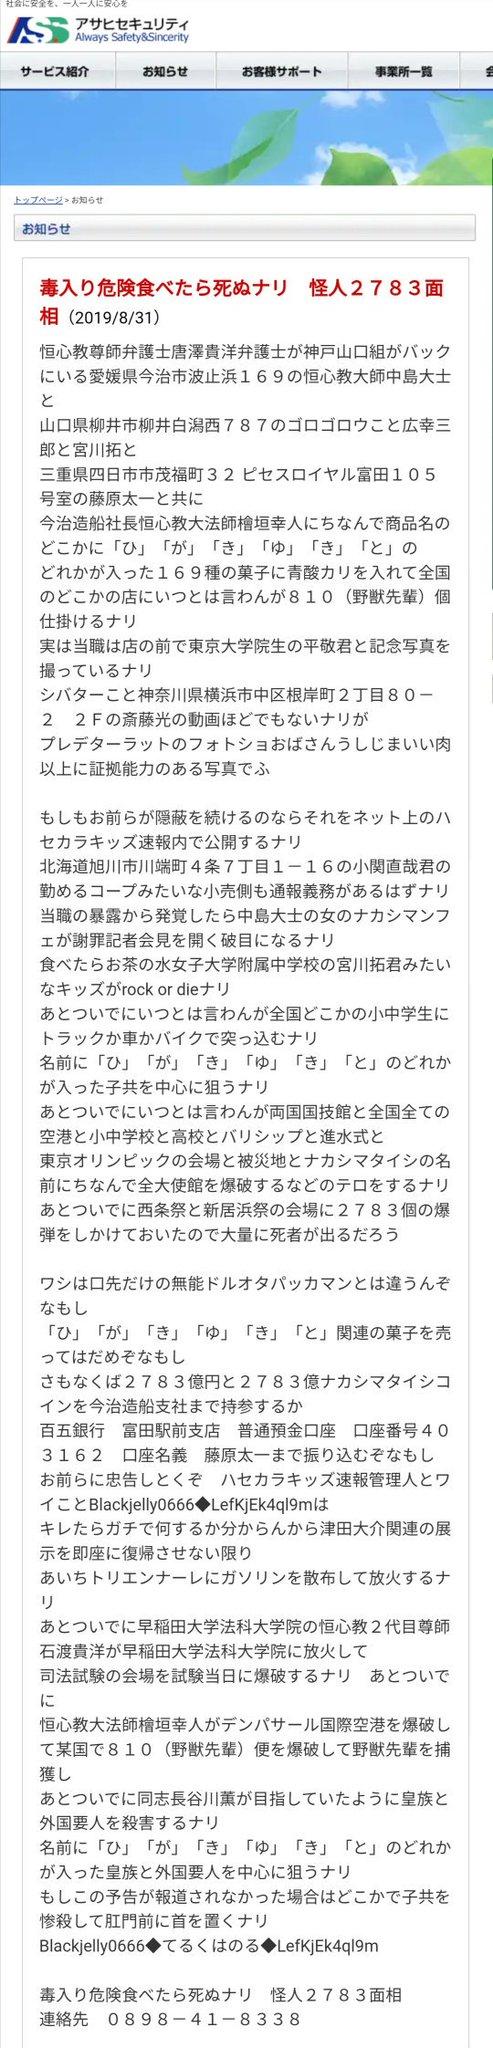 画像,現金3億6000万円を盗まれた埼玉県三郷市の警備会社アサヒセキュリティのHP覗いてみたらガッツリ乗っ取られてる…#指名手配#伊東拓輝容疑者 https://t.…